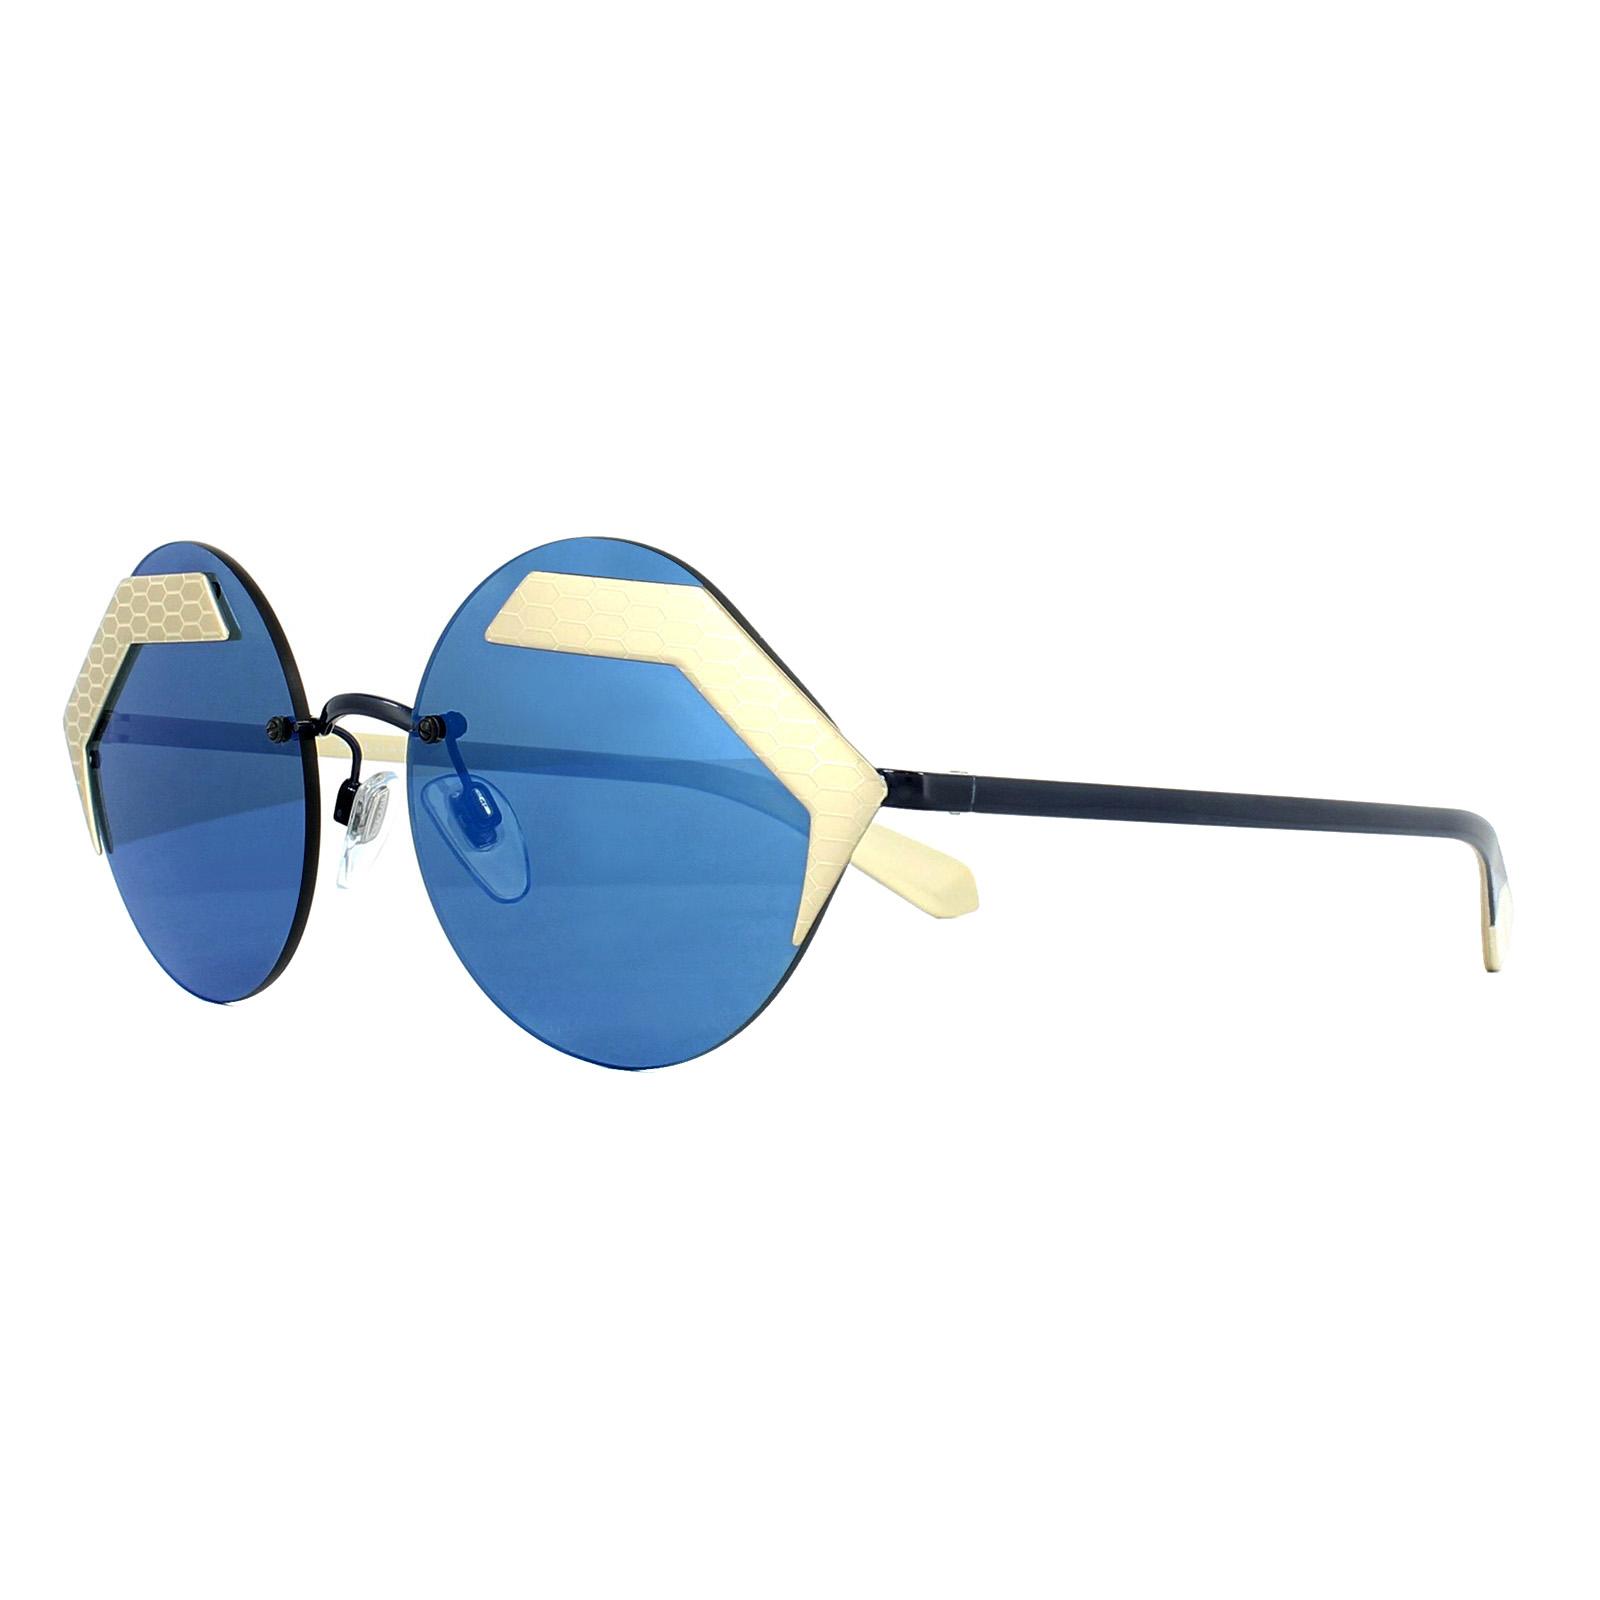 31e8a7203be Sentinel Bvlgari Sunglasses 6089 202255 Pale Gold Cocoa Blue Mirror